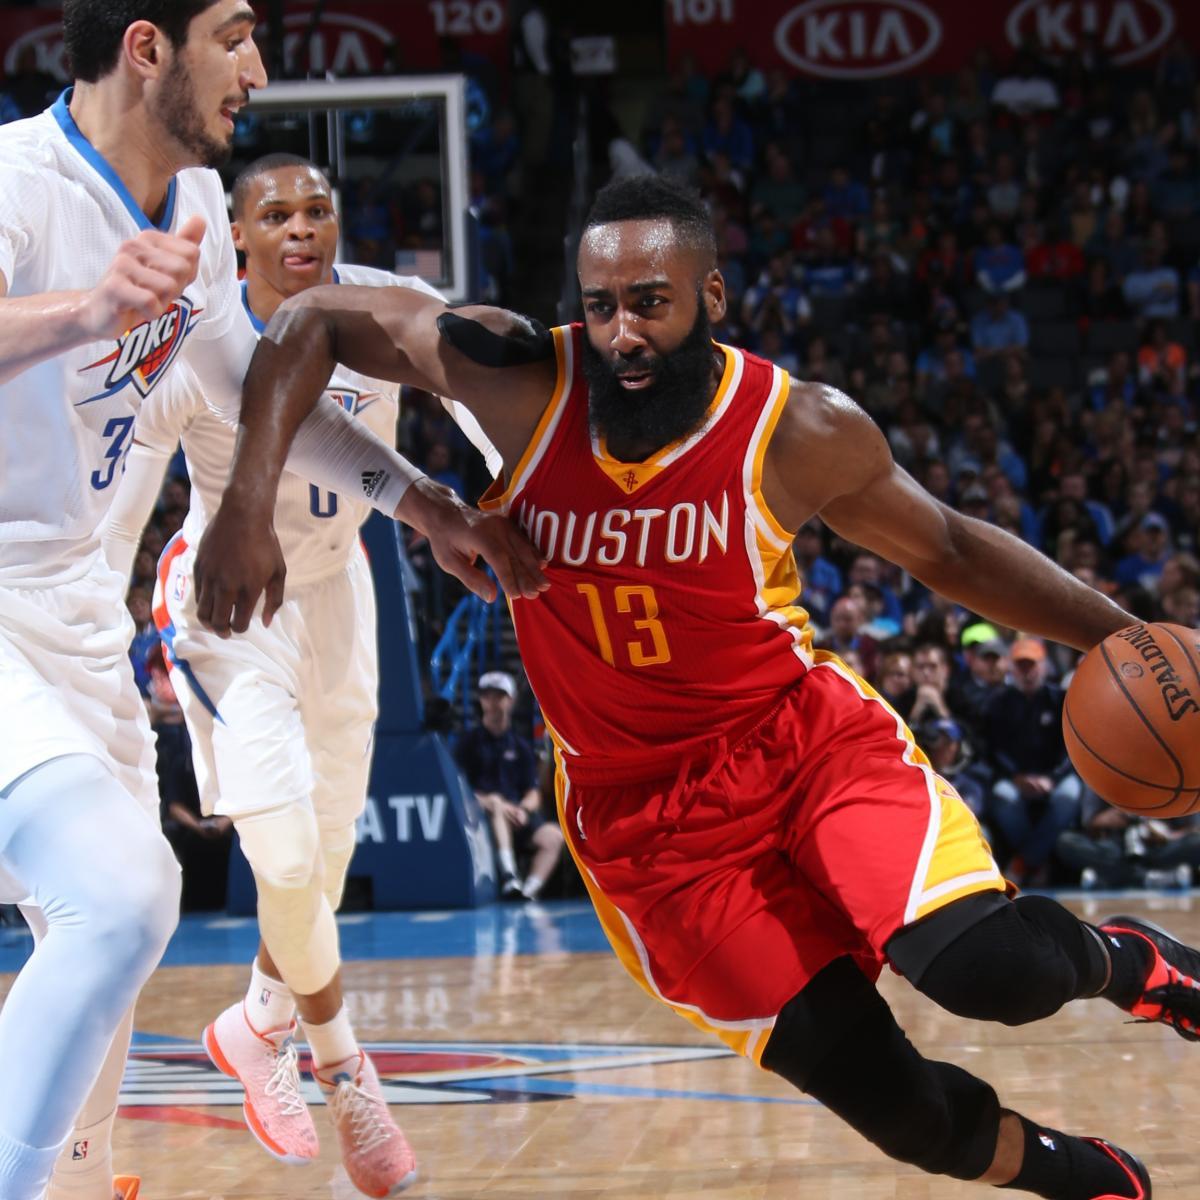 Houston Rockets Vs Oklahoma City Thunder: Houston Rockets Vs. Oklahoma City Thunder: Postgame Grades